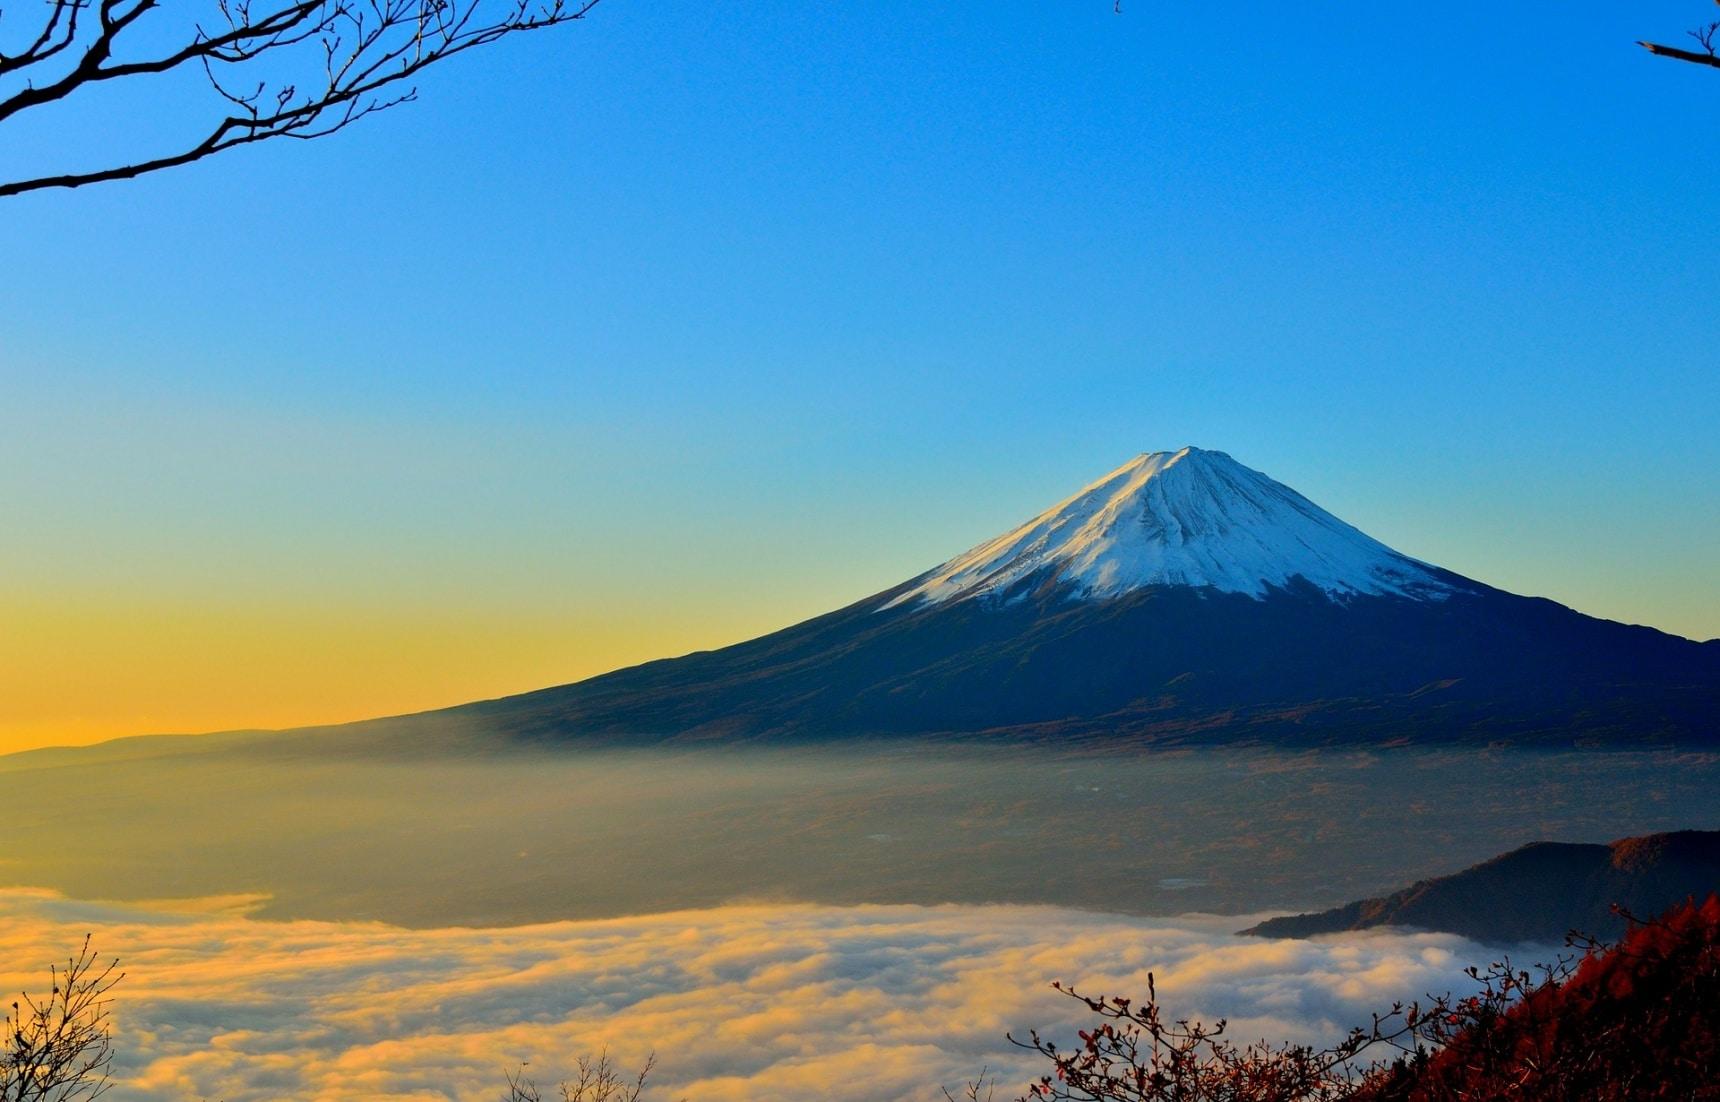 7 สถานที่ท่องเที่ยวไม่ควรพลาดของญี่ปุ่น